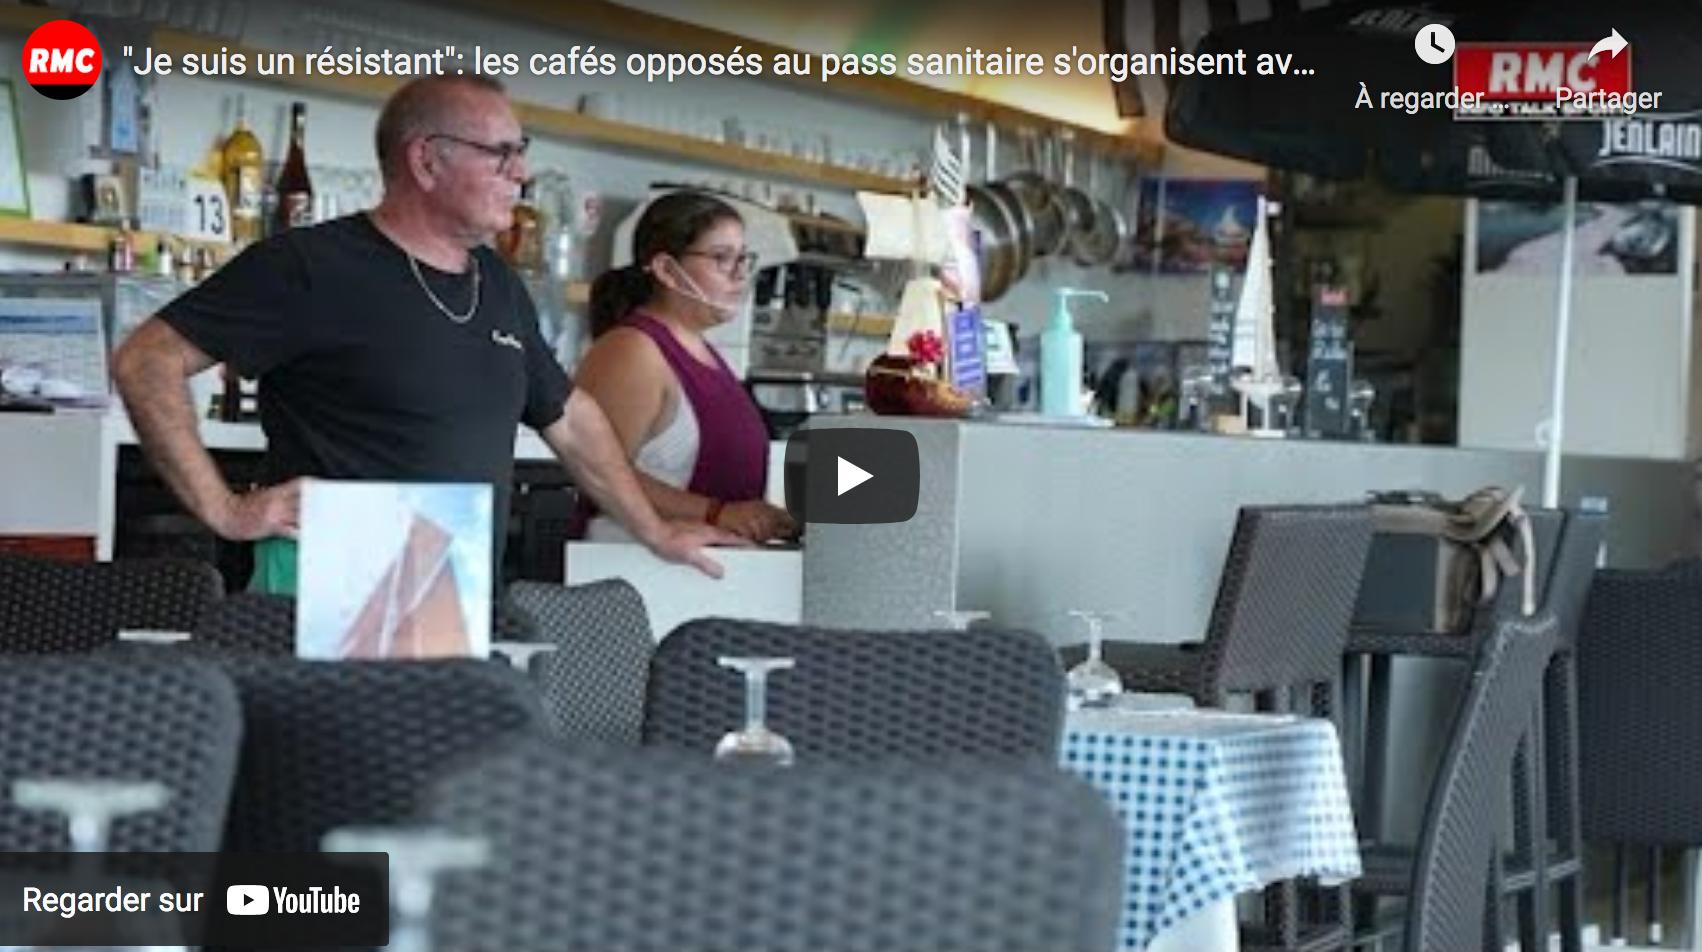 """""""Je suis un résistant"""" : les cafés opposés au pass sanitaire s'organisent avant son entrée en vigueur (VIDÉO)"""